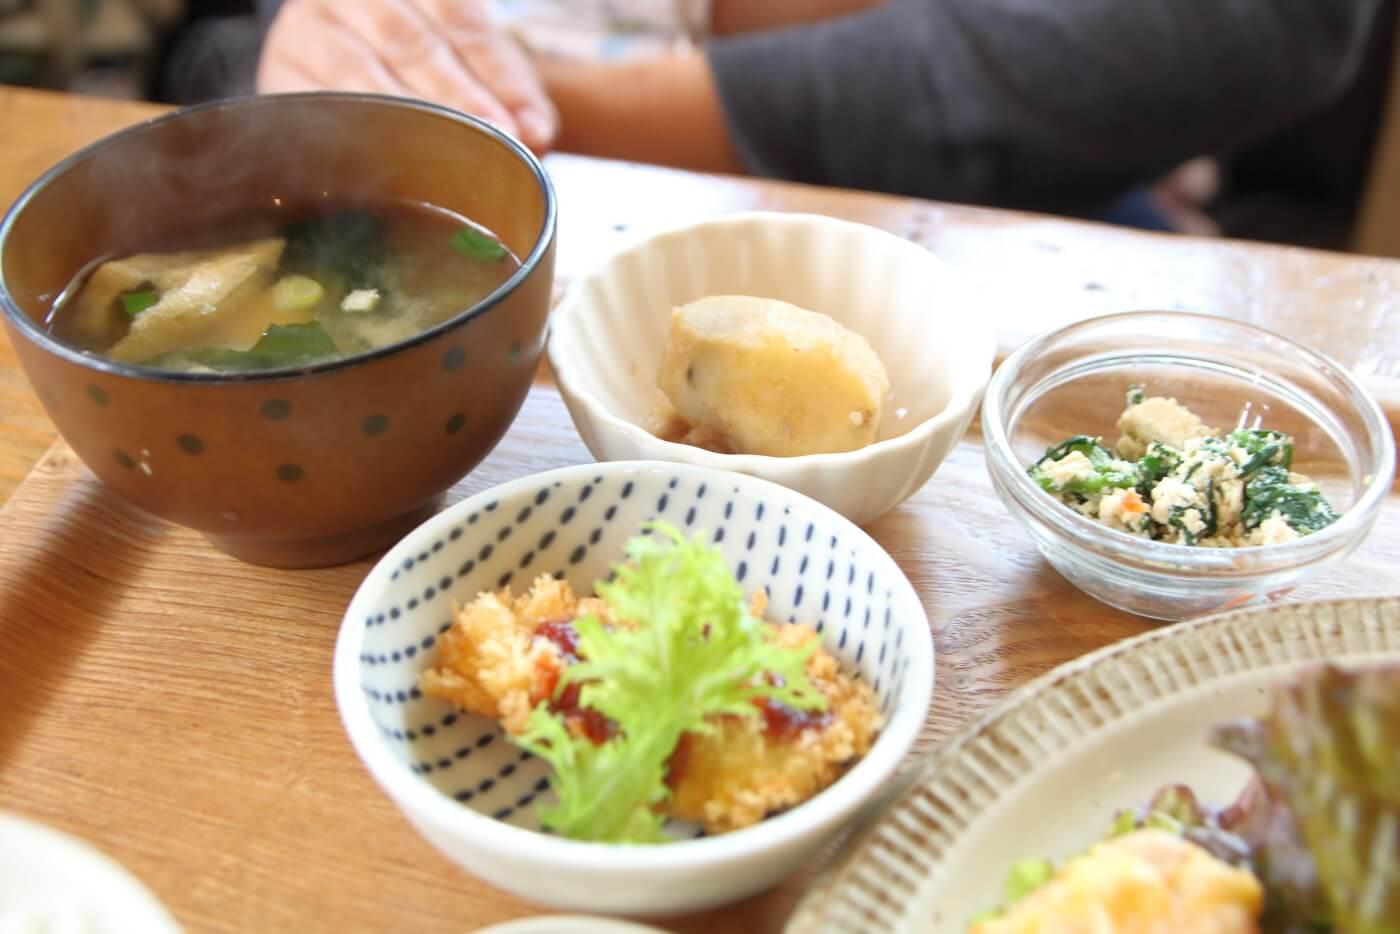 高知香美市土佐山田のカフェあかいみ 日替りランチ 小鉢の副菜